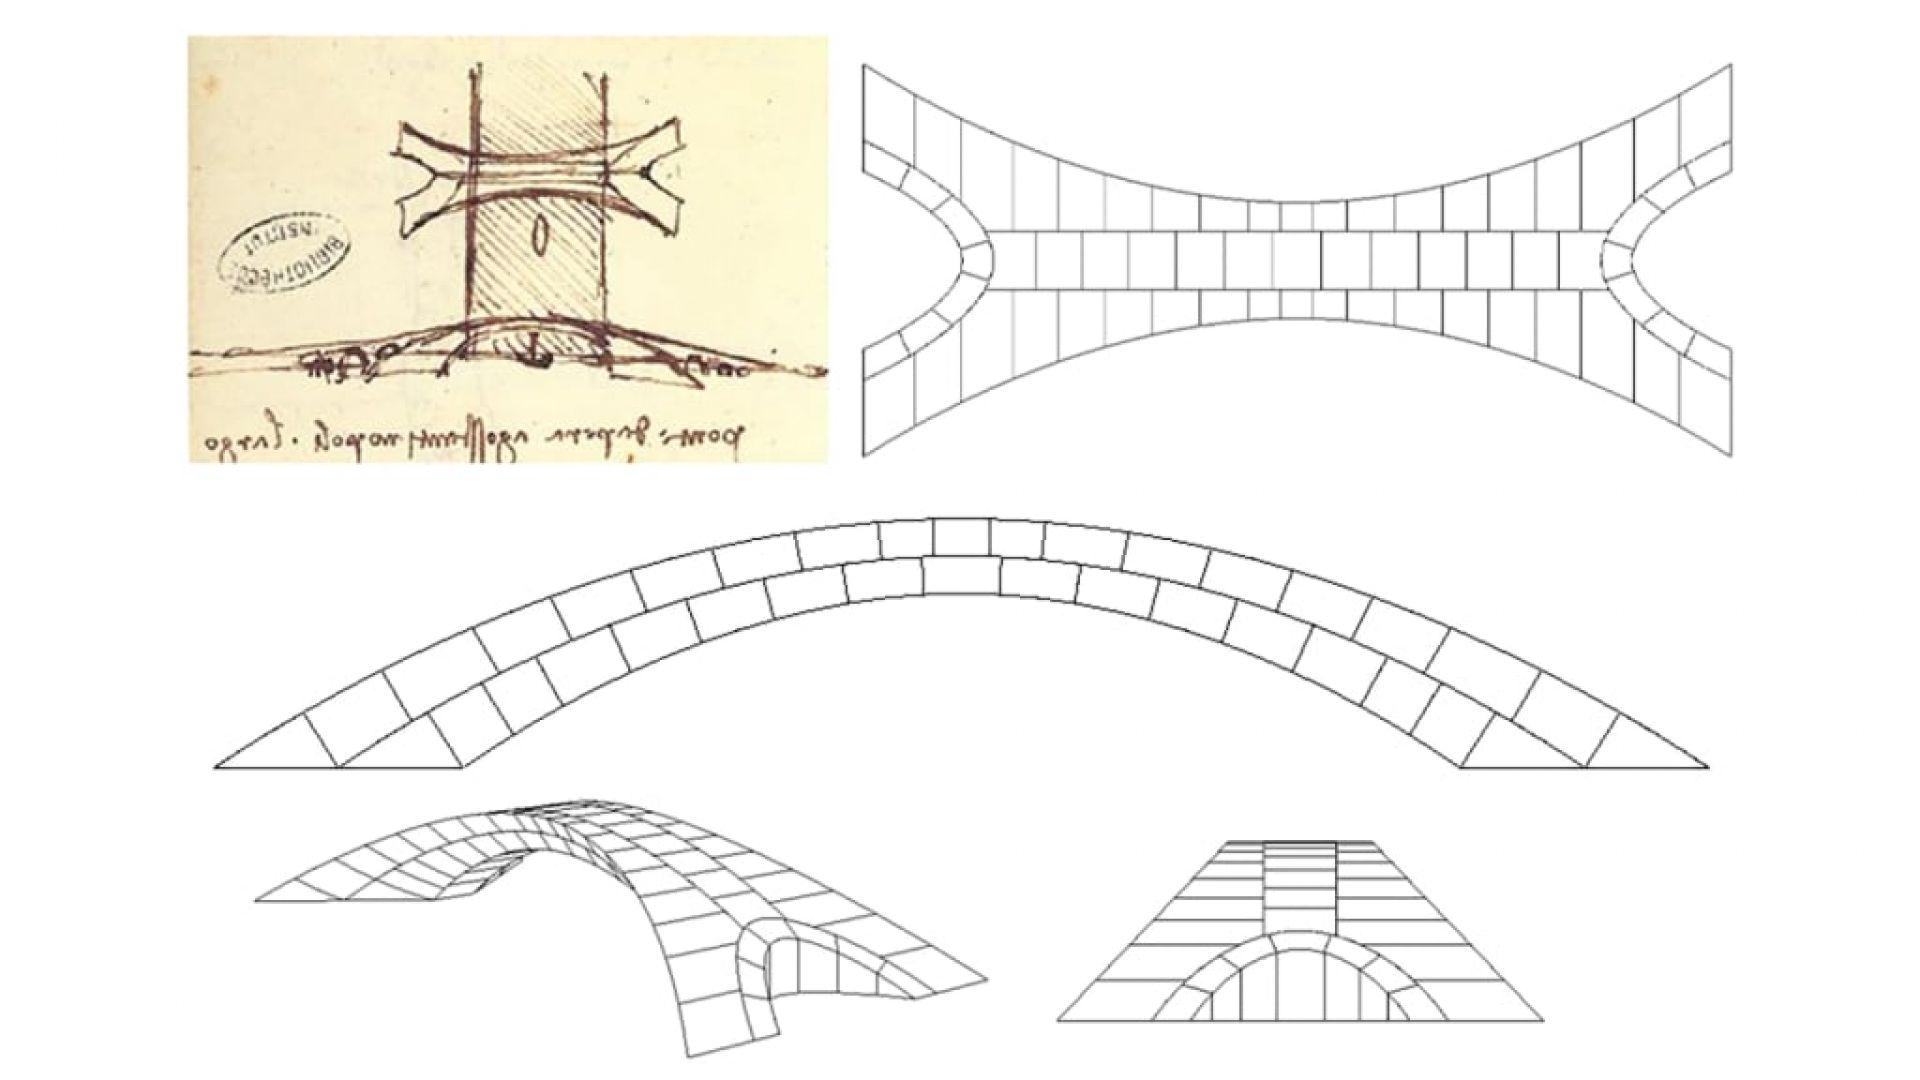 500 години по-късно: Дизайн на Леонардо да Винчи бе реализиран от учени